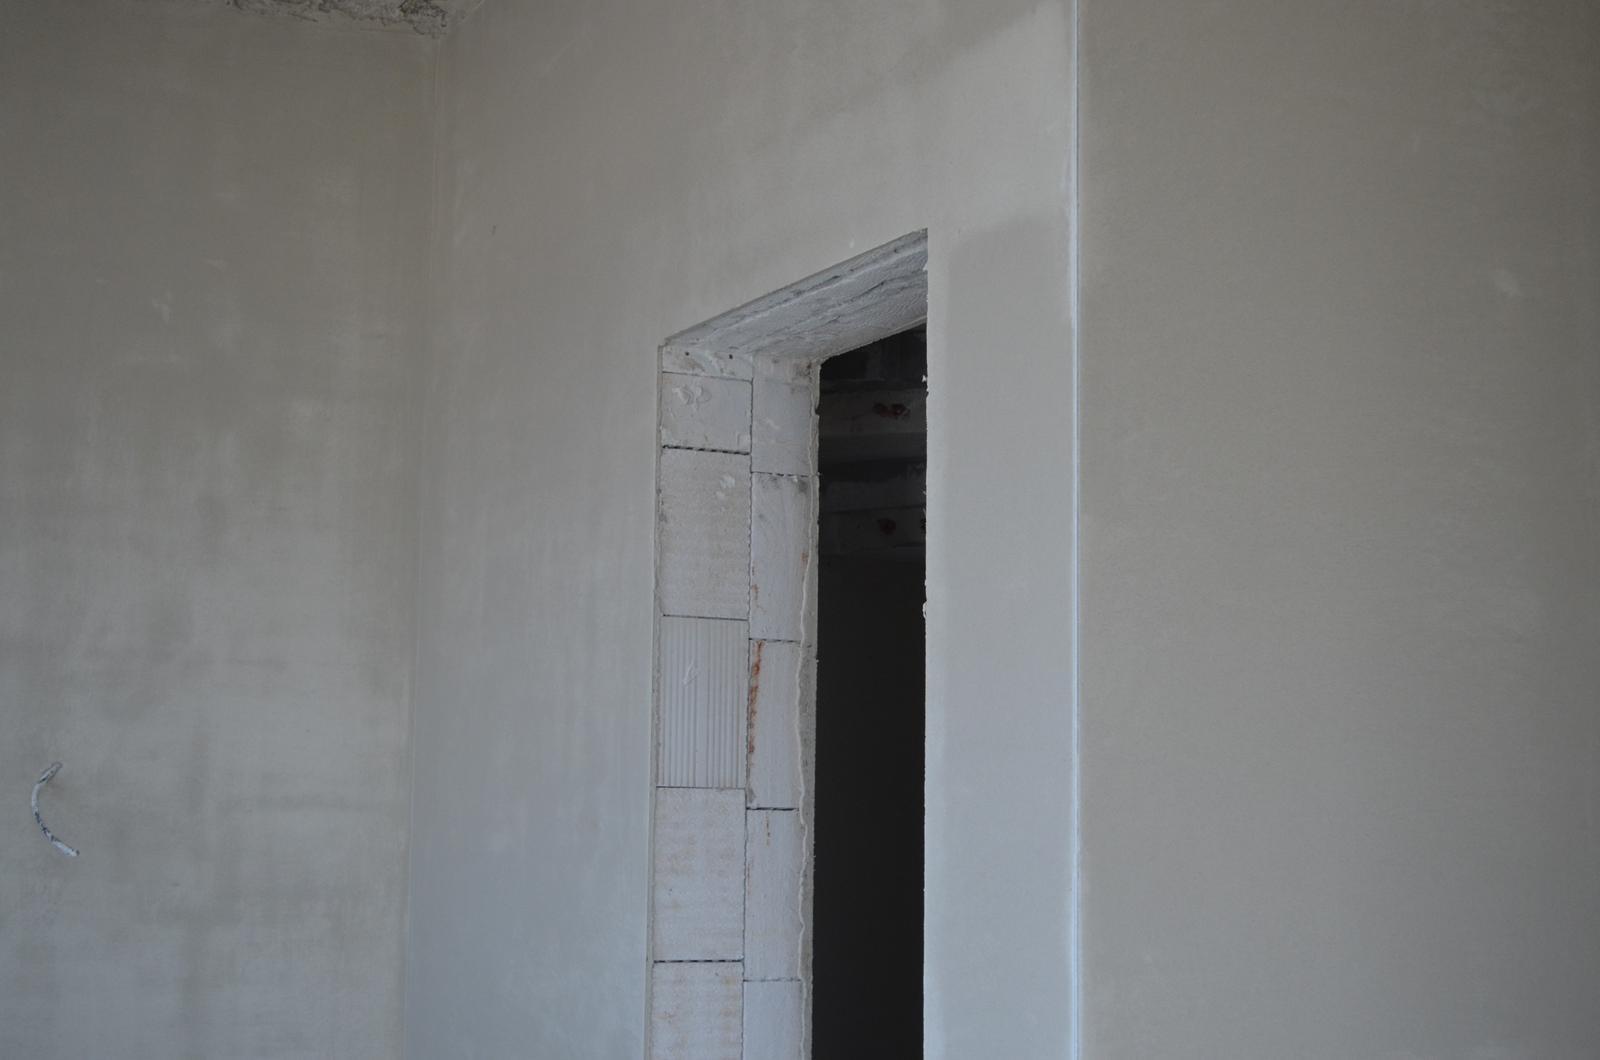 Poskytujeme ZLAVY na sádrové omietky v zime 9,40 Eur/m2. Cena je na komplet práca aj materiál spolu /lišty, apulišty, penetrácia stien, práca, materiál, sieťkovanie 2 druhov materiálu, upratanie stavby/ Mikuláš 0905/225583 - Obrázok č. 3